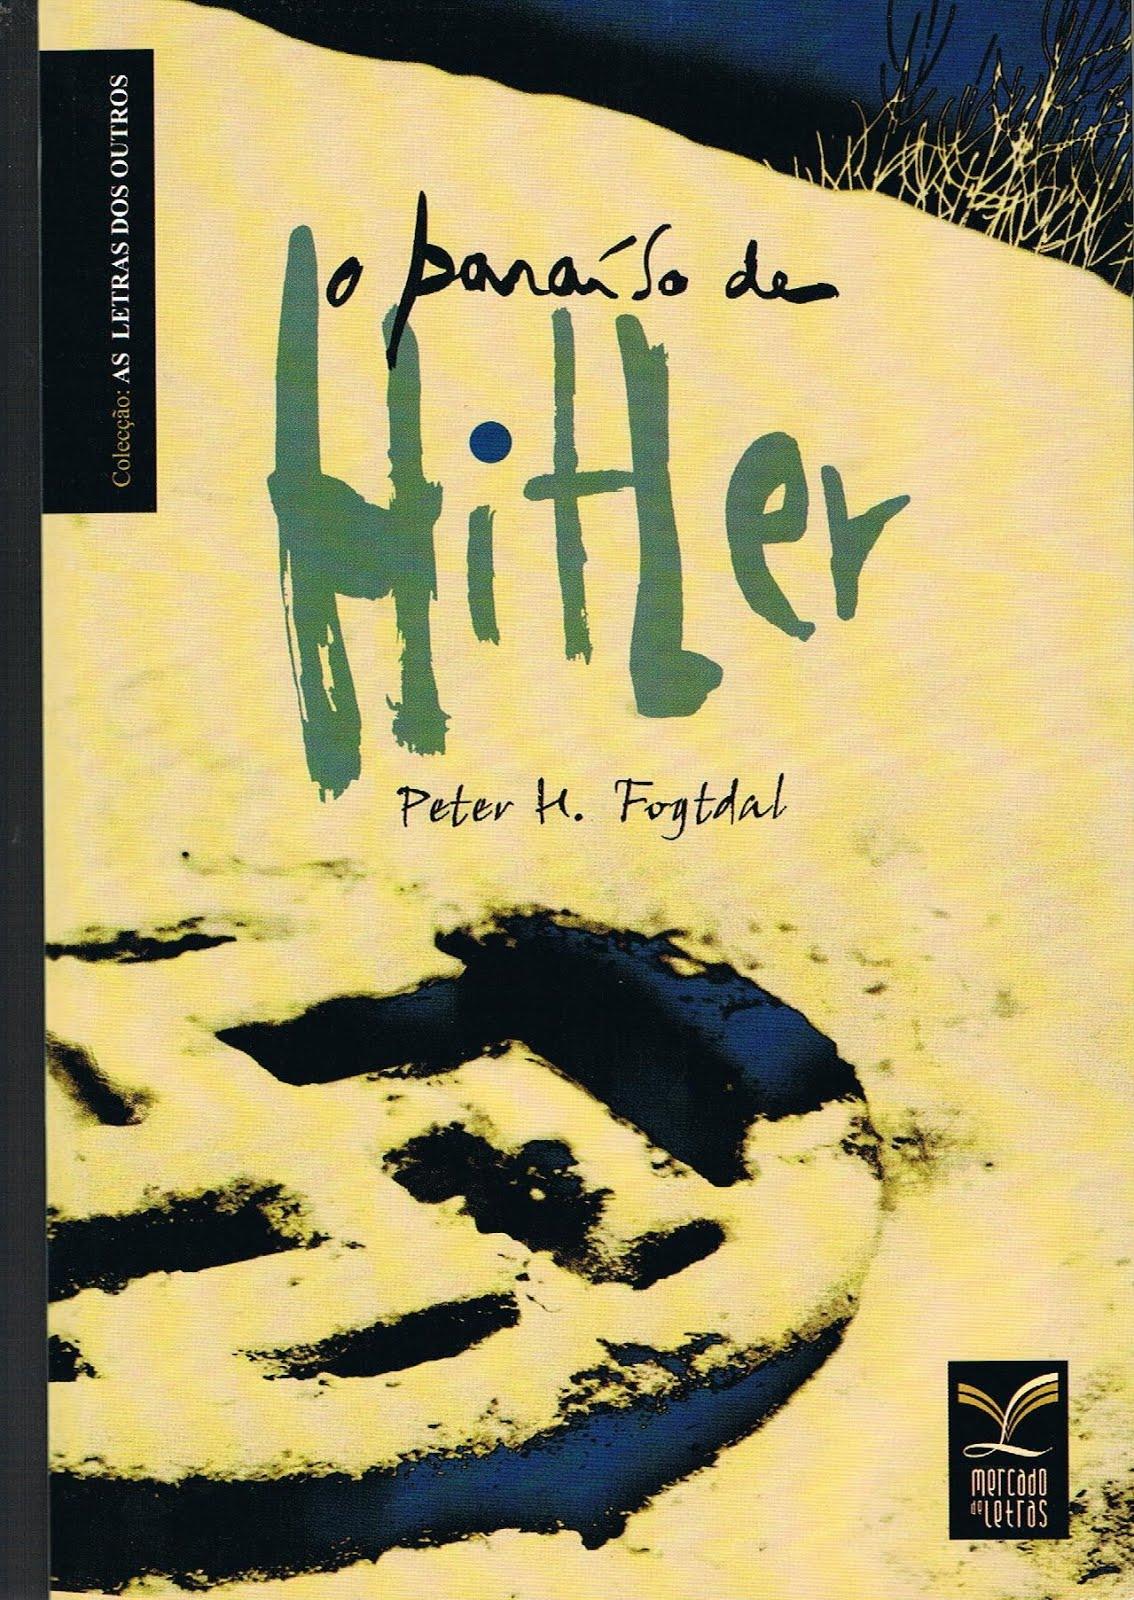 O Paraiso de Hitler (Portuguese, 2005)